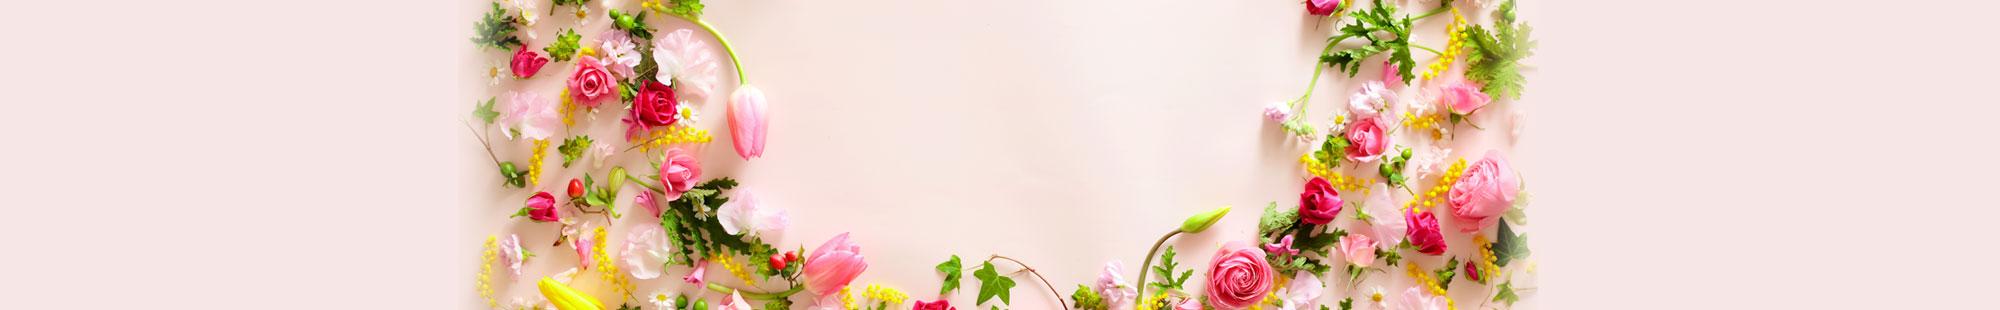 花キューピットの春の花贈り特集